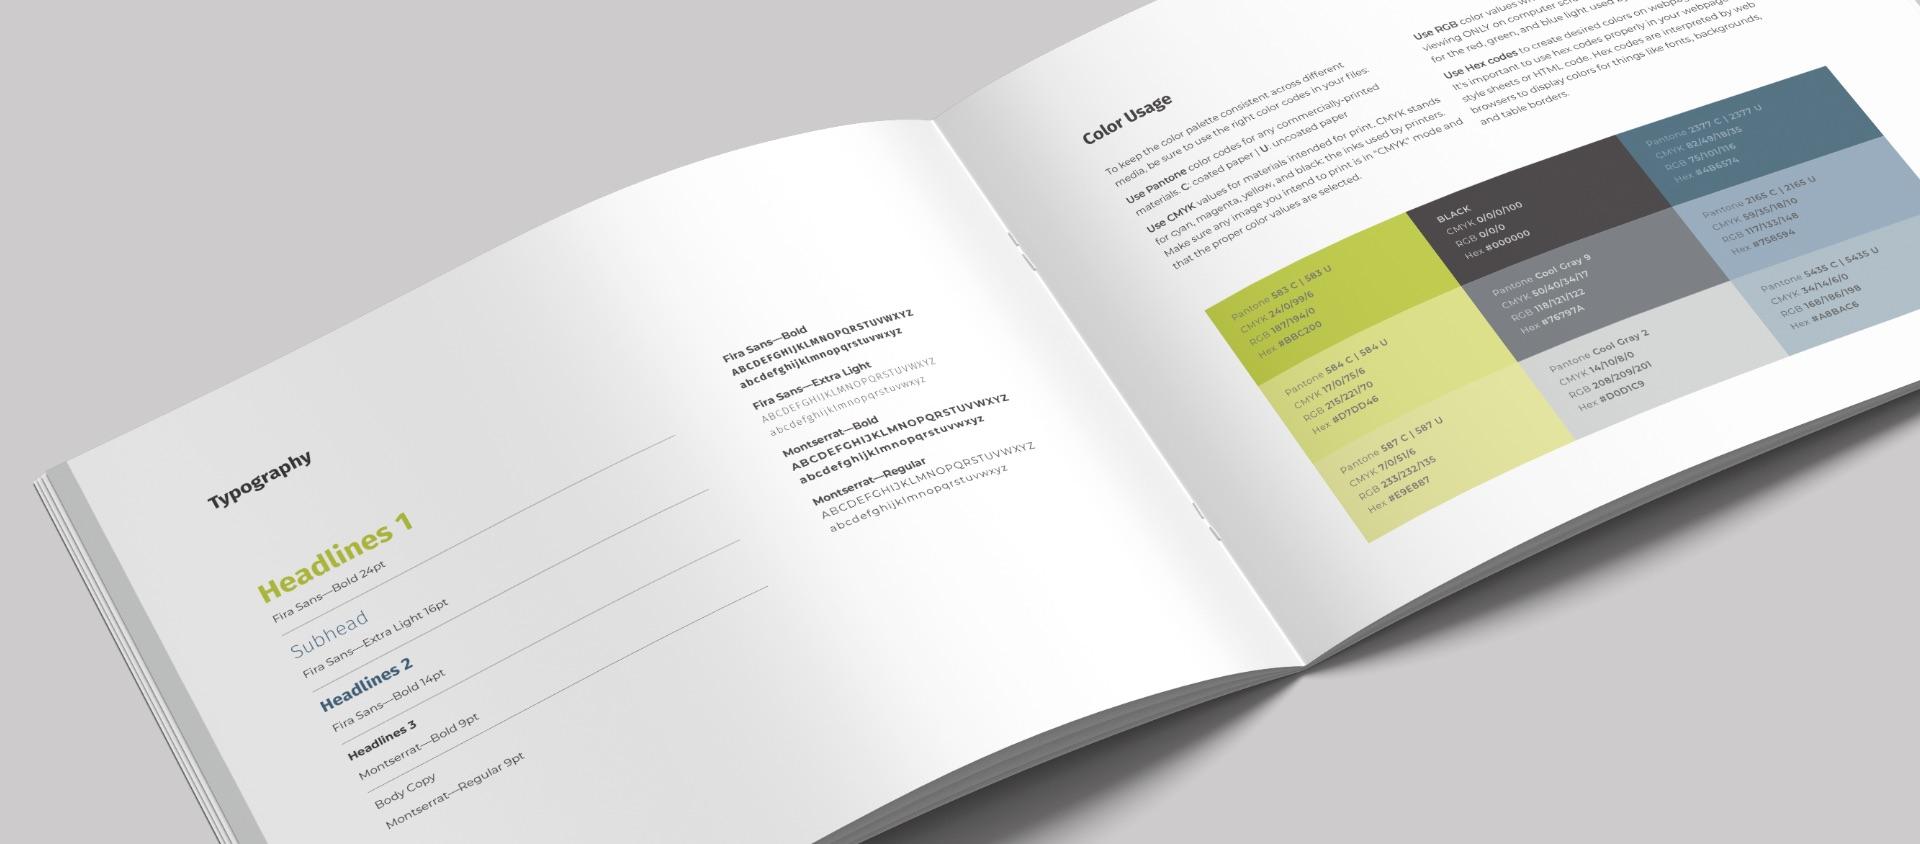 Brand Guide Book